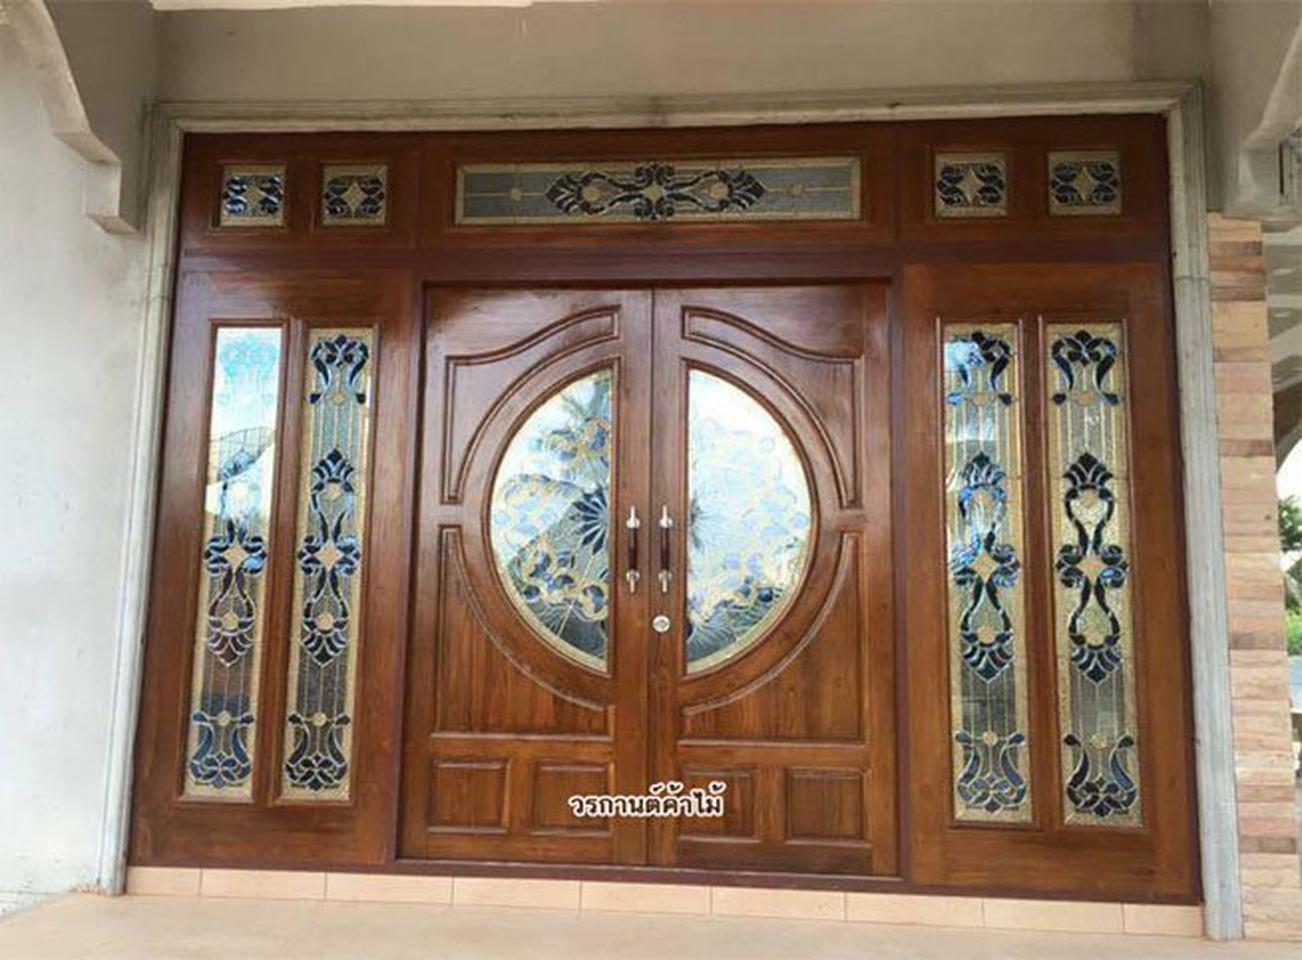 ร้านวรกานต์ค้าไม้ จำหน่าย ประตูไม้สักบานคู่ ประตูไม้สักบานเดี่ยว ประตูไม้สักกระจกนิรภัย ประตูโมเดิร์น รูปที่ 6